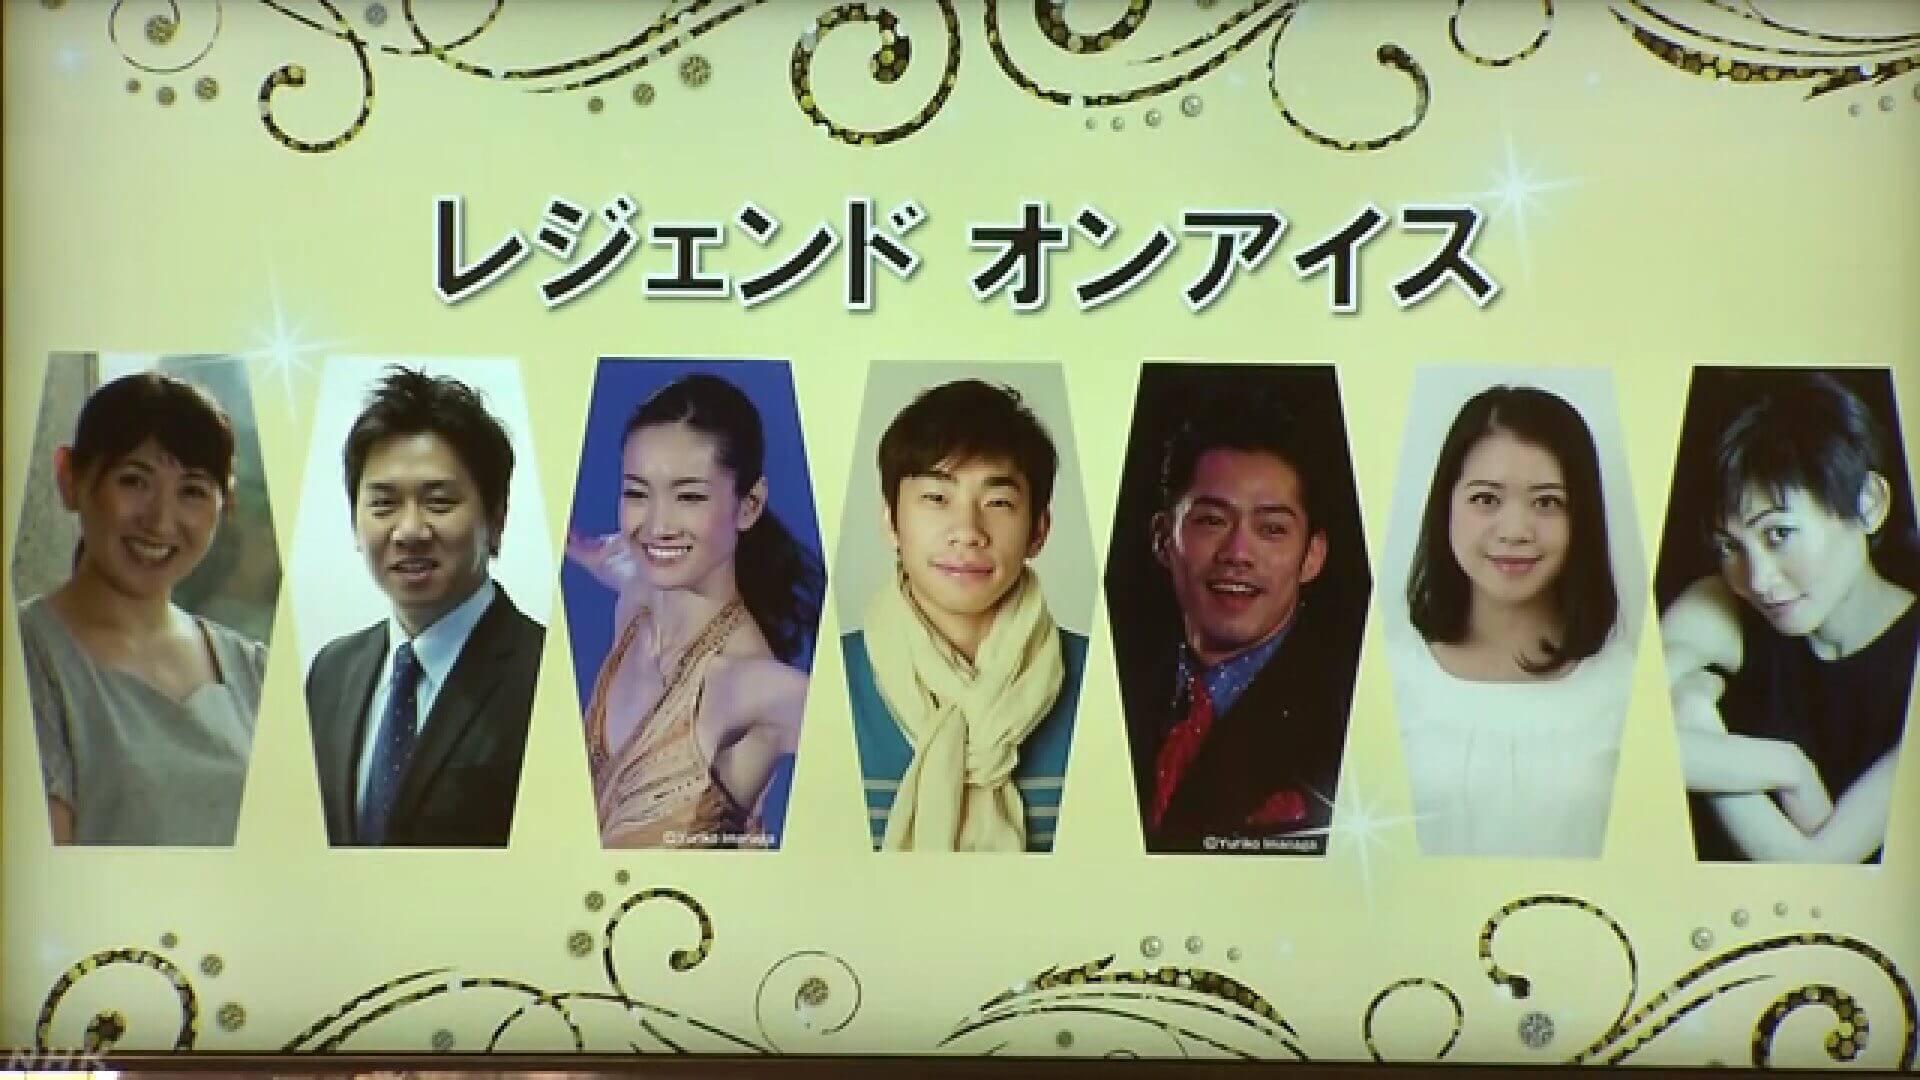 11/11放送「レジェンドオンアイス」の出演者が決定!7人のレジェンドたちの世代を超えた夢の共演!